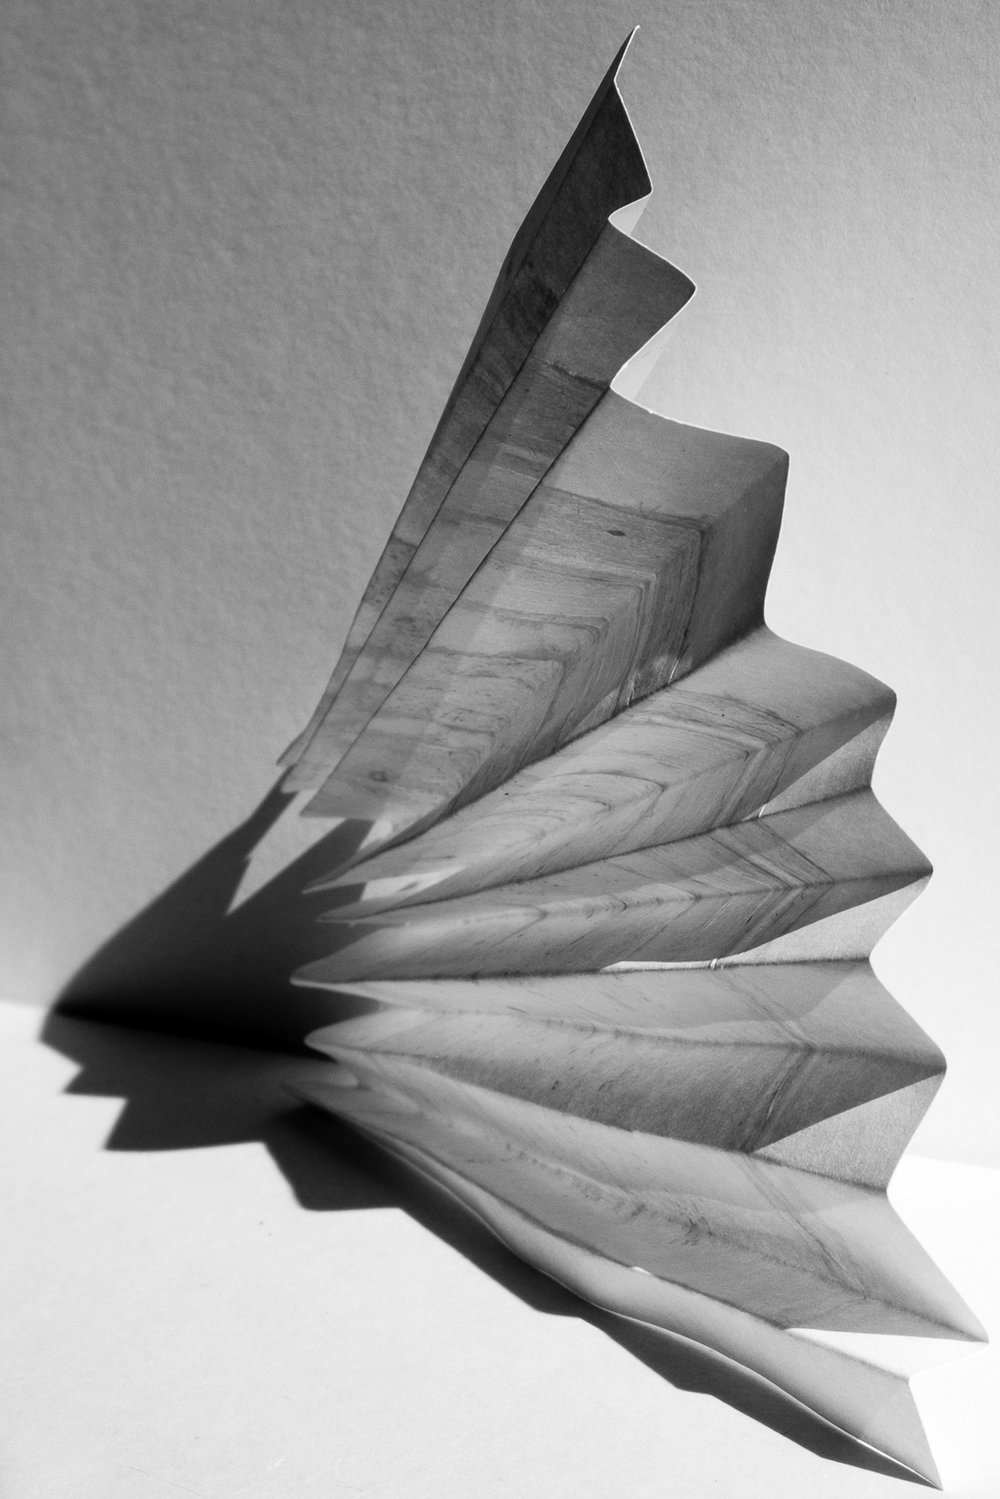 LizCottingham_02_whitepaper_02_2000px.jpg